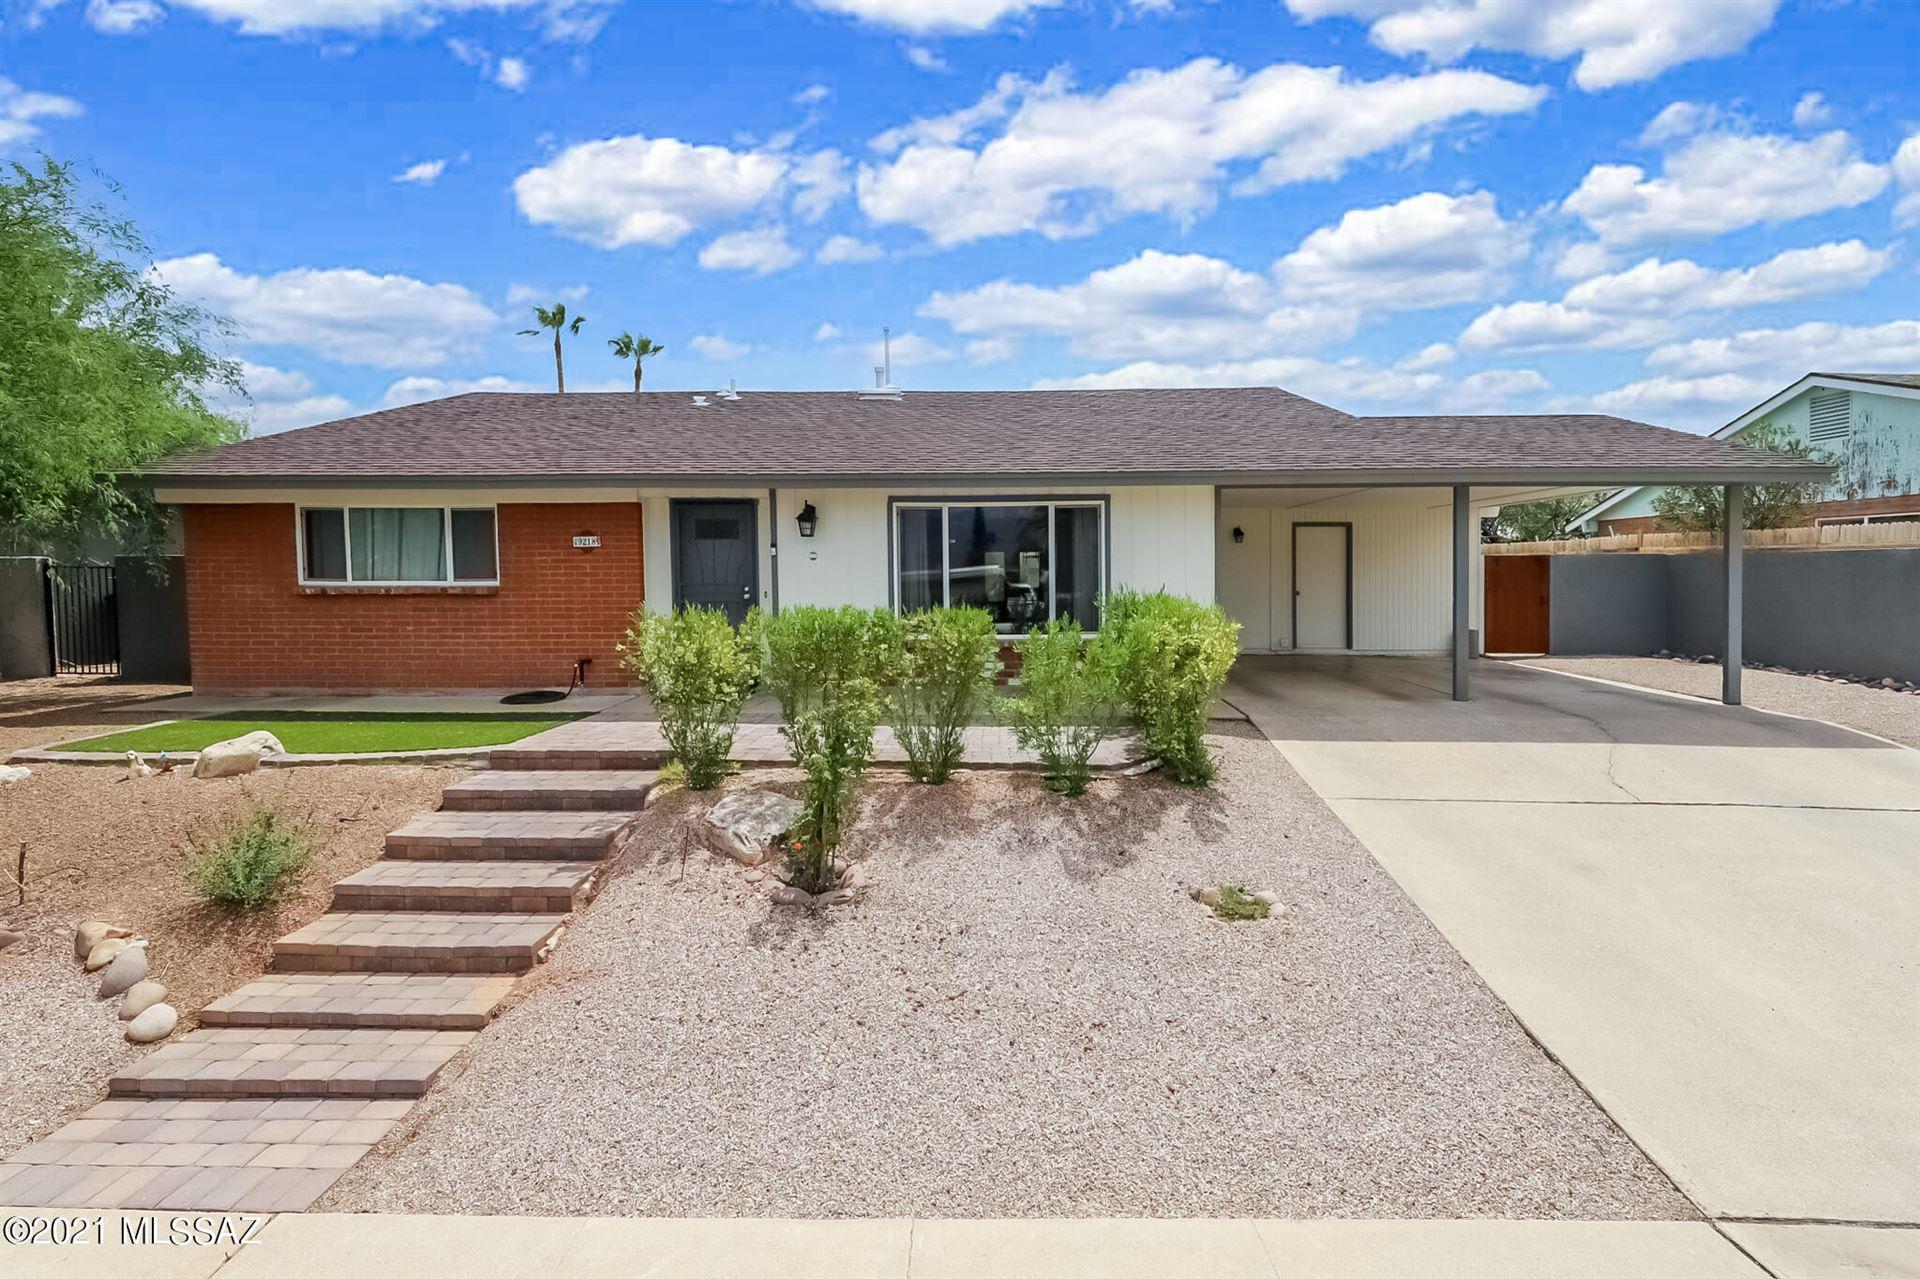 9218 E Helen Street, Tucson, AZ 85715 - MLS#: 22109819